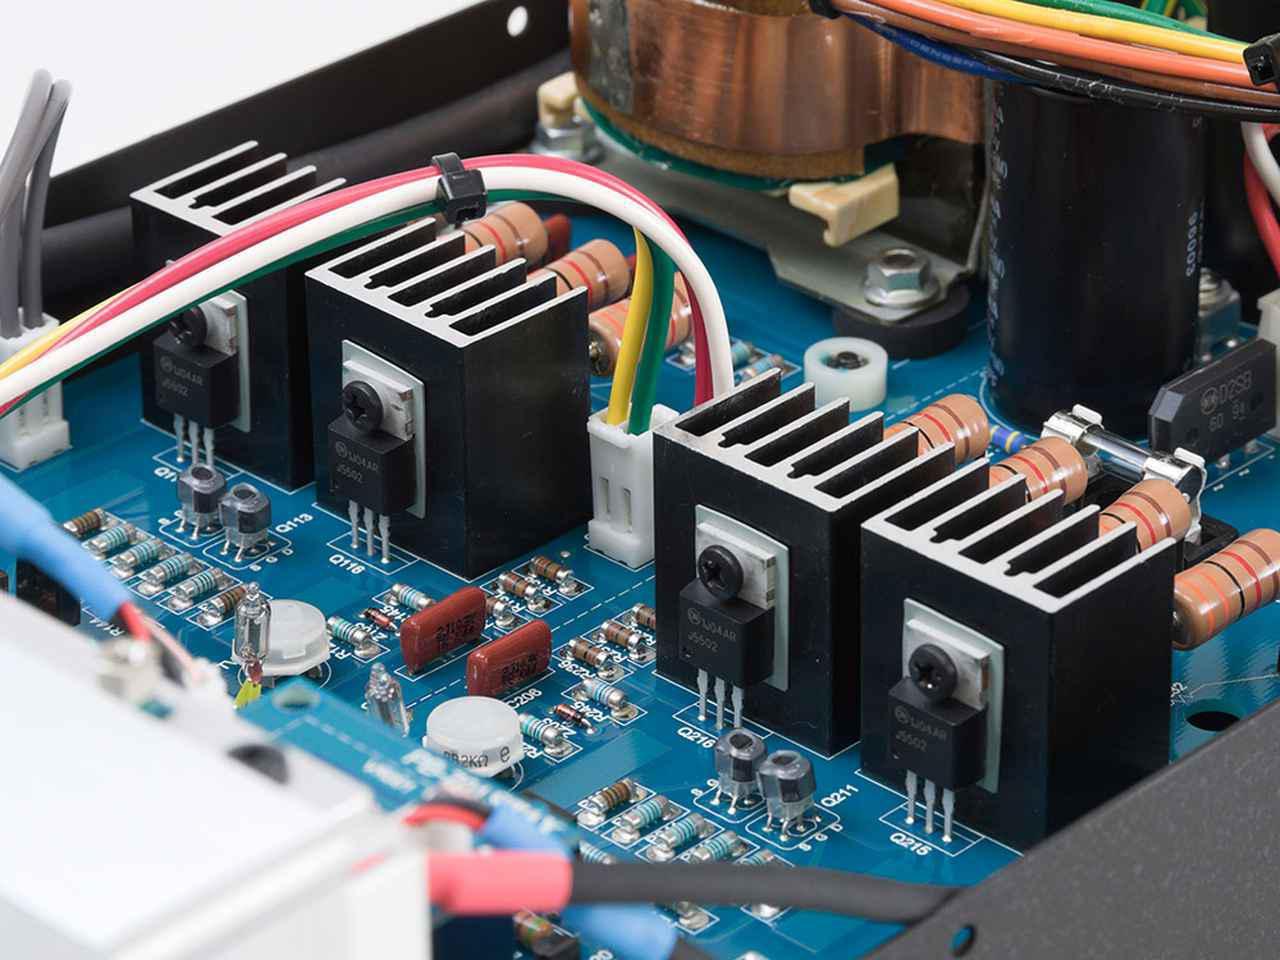 画像: FET、放熱用ヒートシンク、抵抗負荷をチャンネル毎に対称配置するシンプルな回路設計を採用